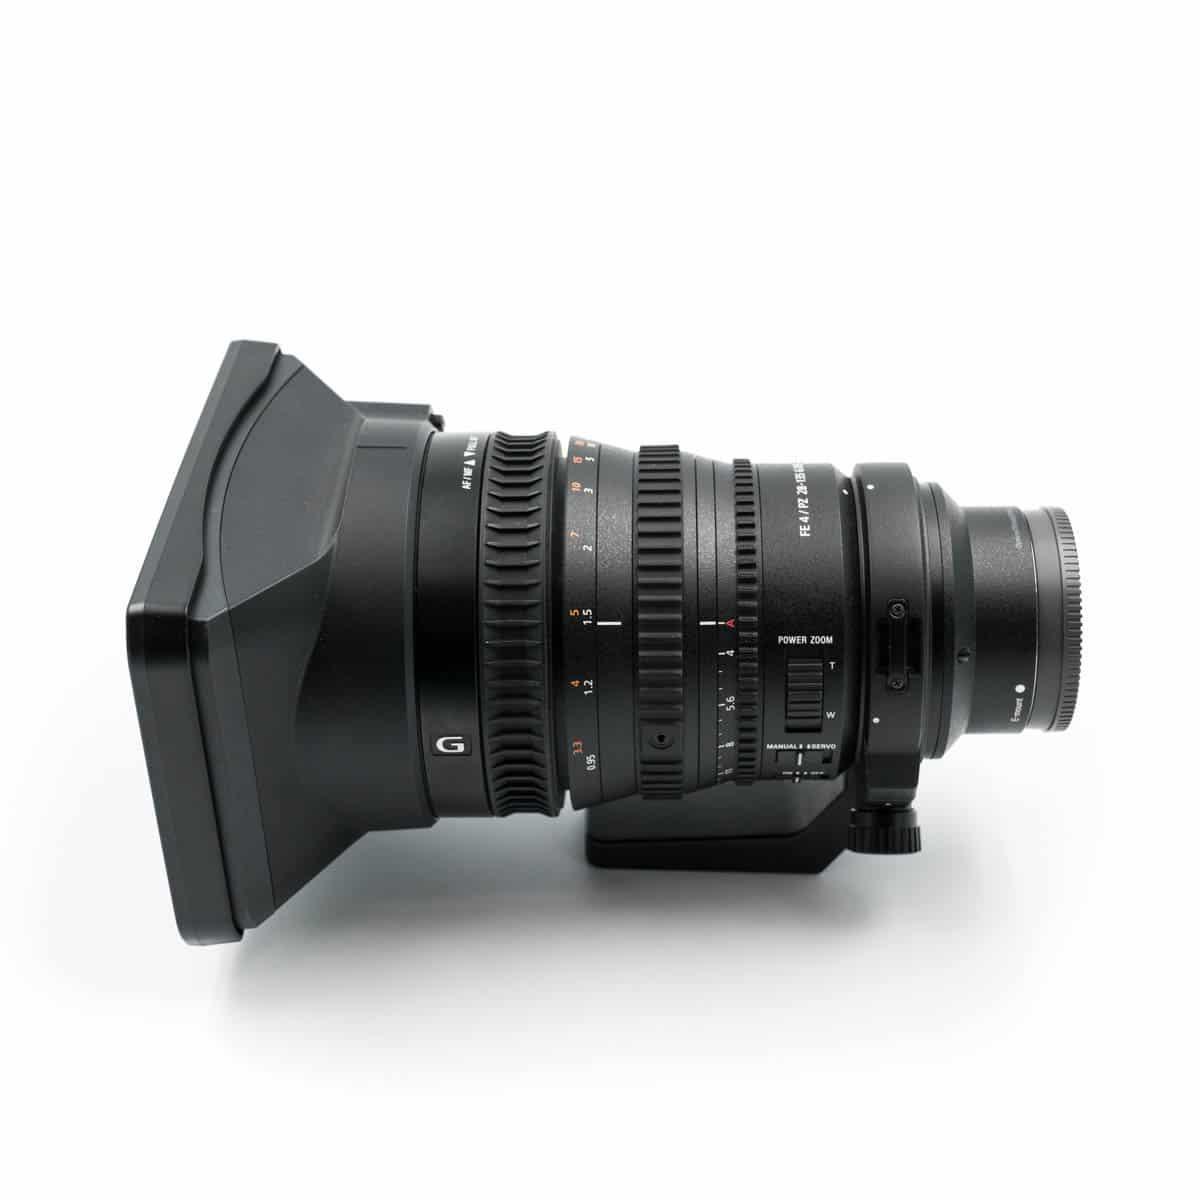 Sony FE 28-135mm F4 G PZ OSS (K5, sis. ALV24%, takuu 12kk) – Käytetty